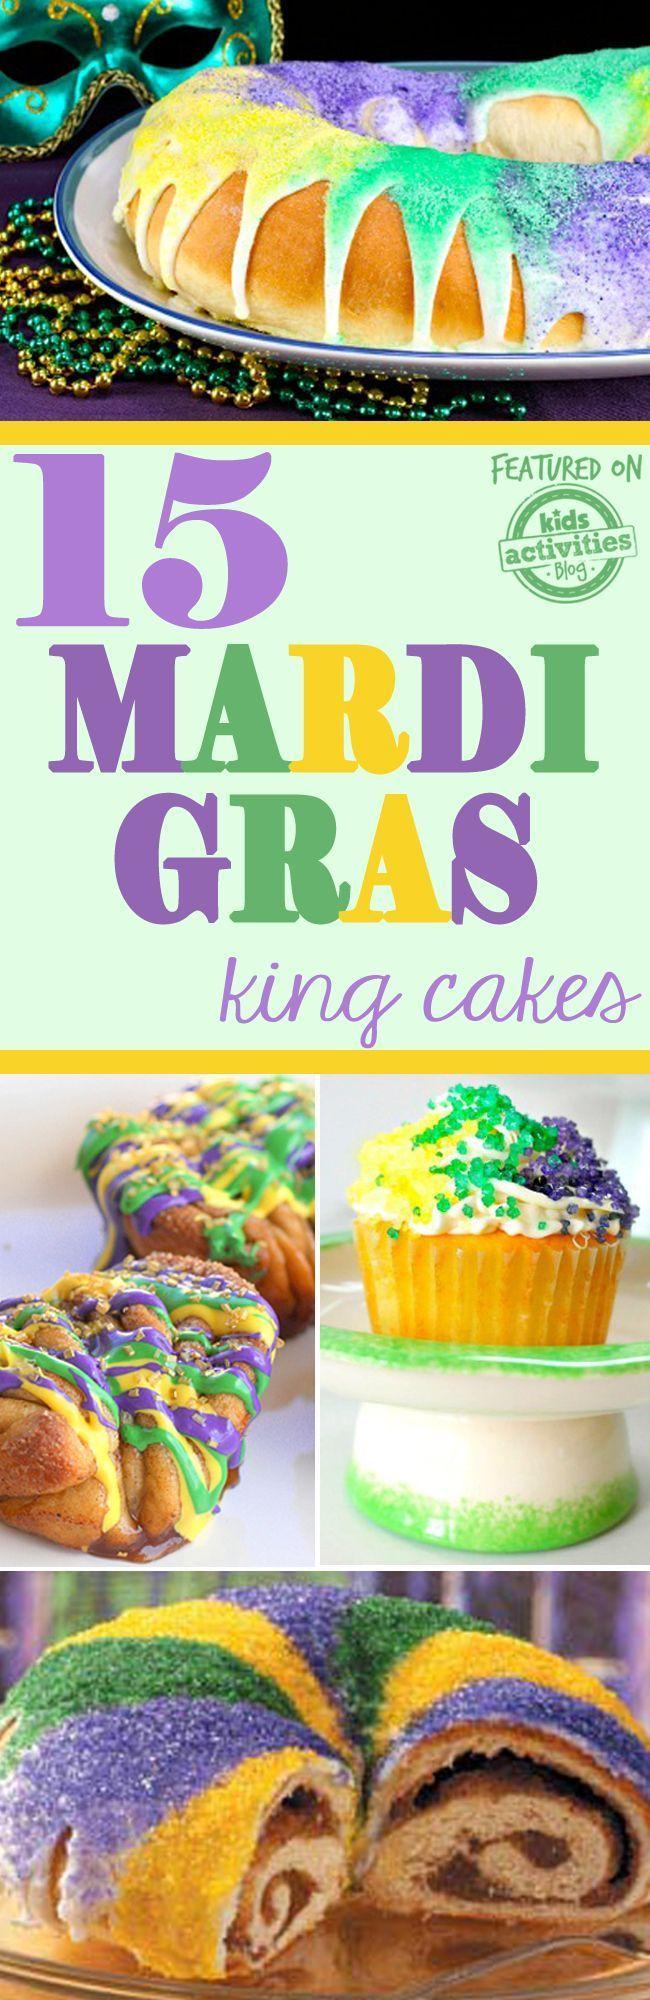 15 Mardi Gras King Cakes